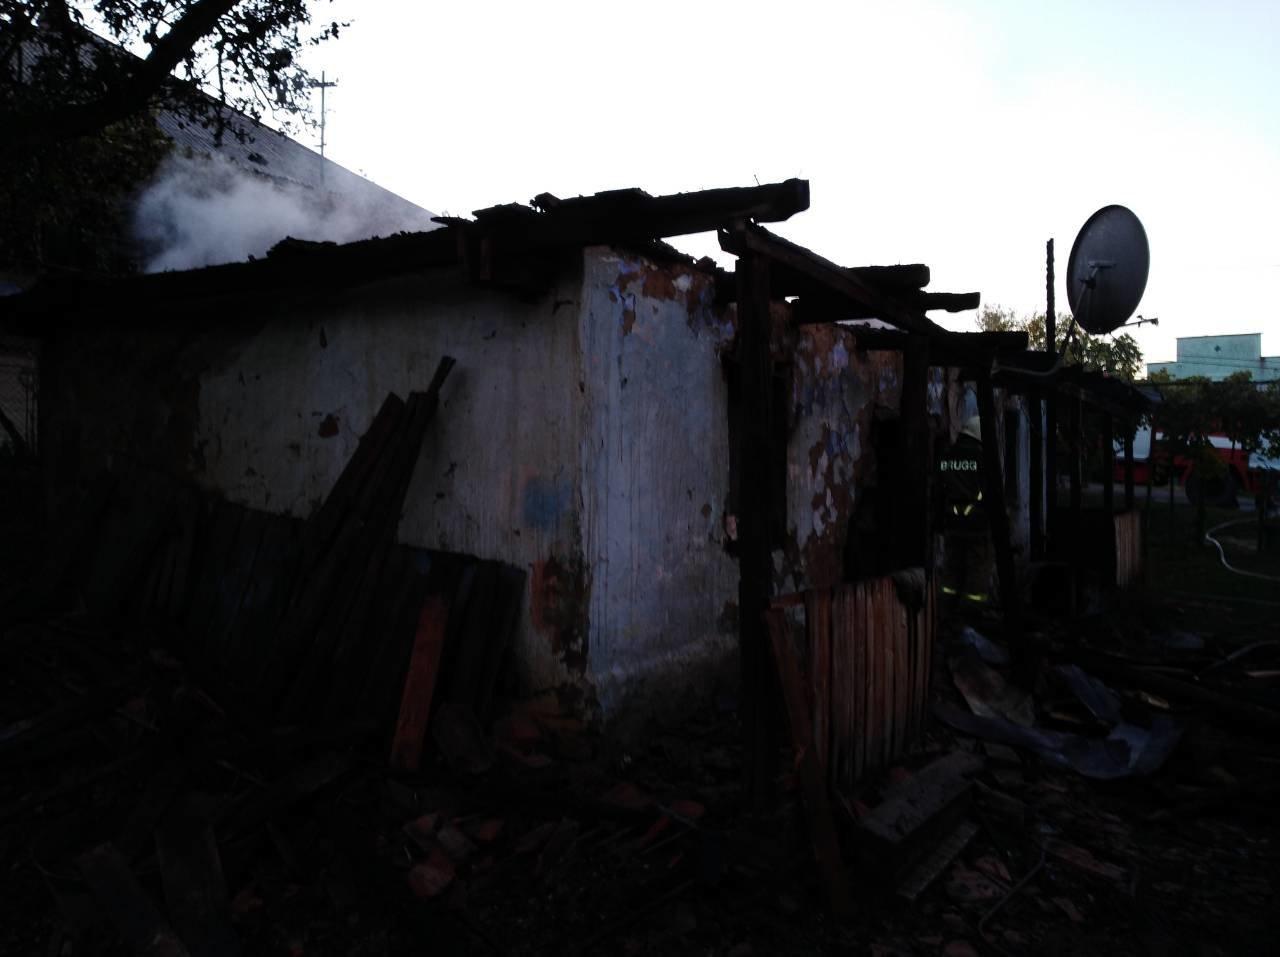 На Ужгородщині чоловік через необережність спалив будинок та ледь не згорів сам (ФОТО), фото-1